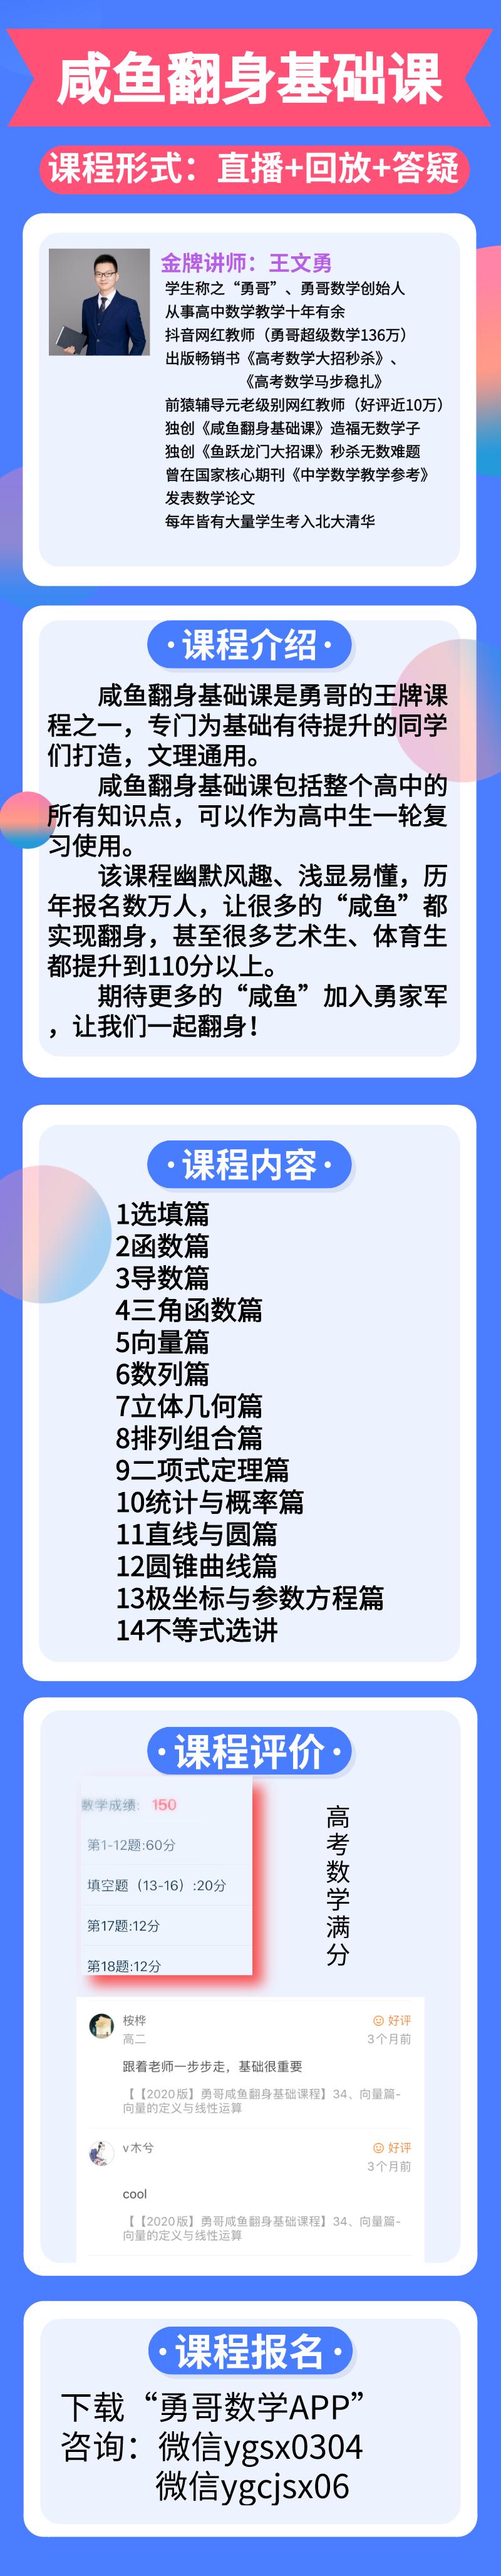 咸鱼课程介绍.png